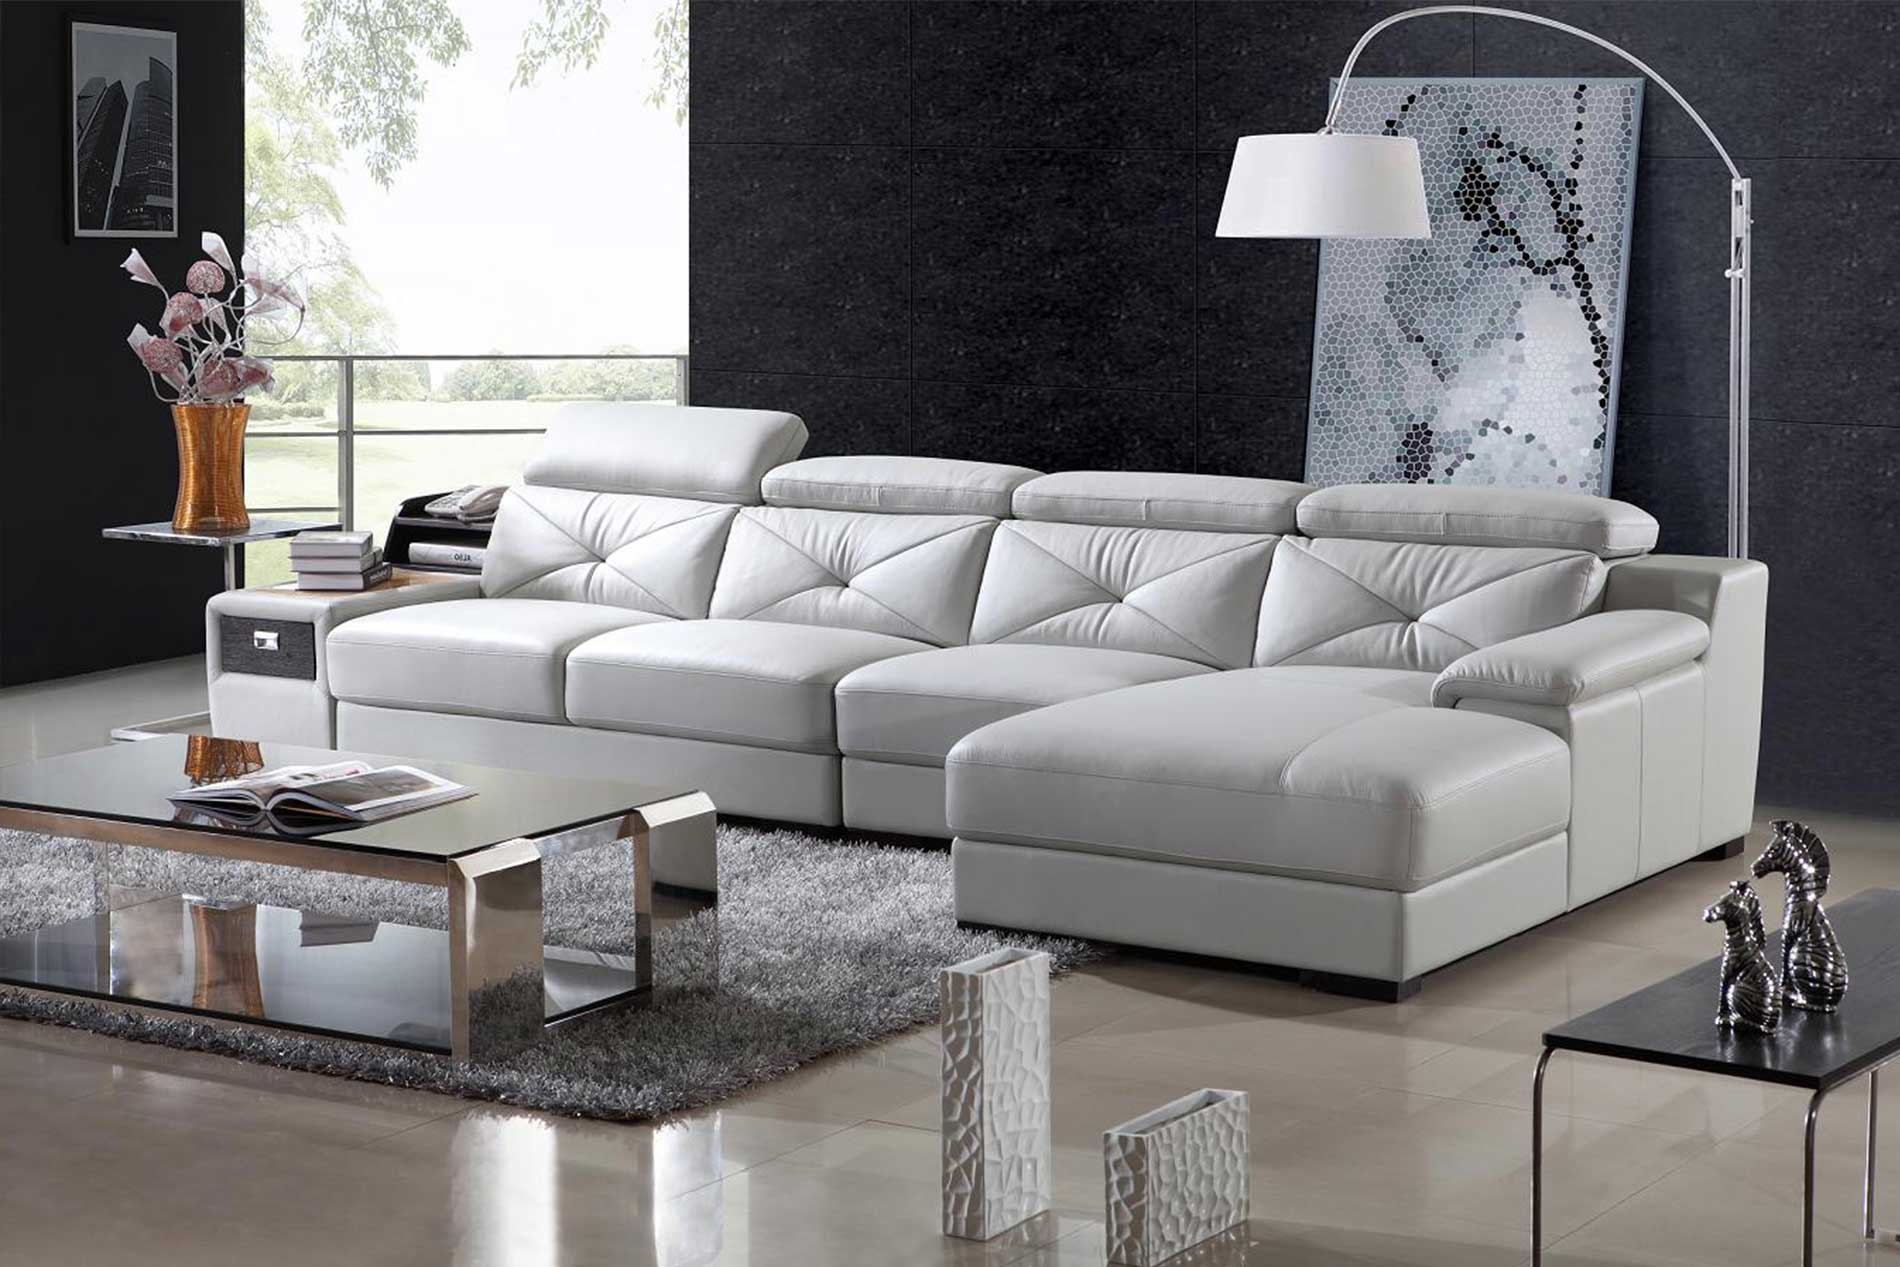 Canapé 4 places un confort toujours plus grand